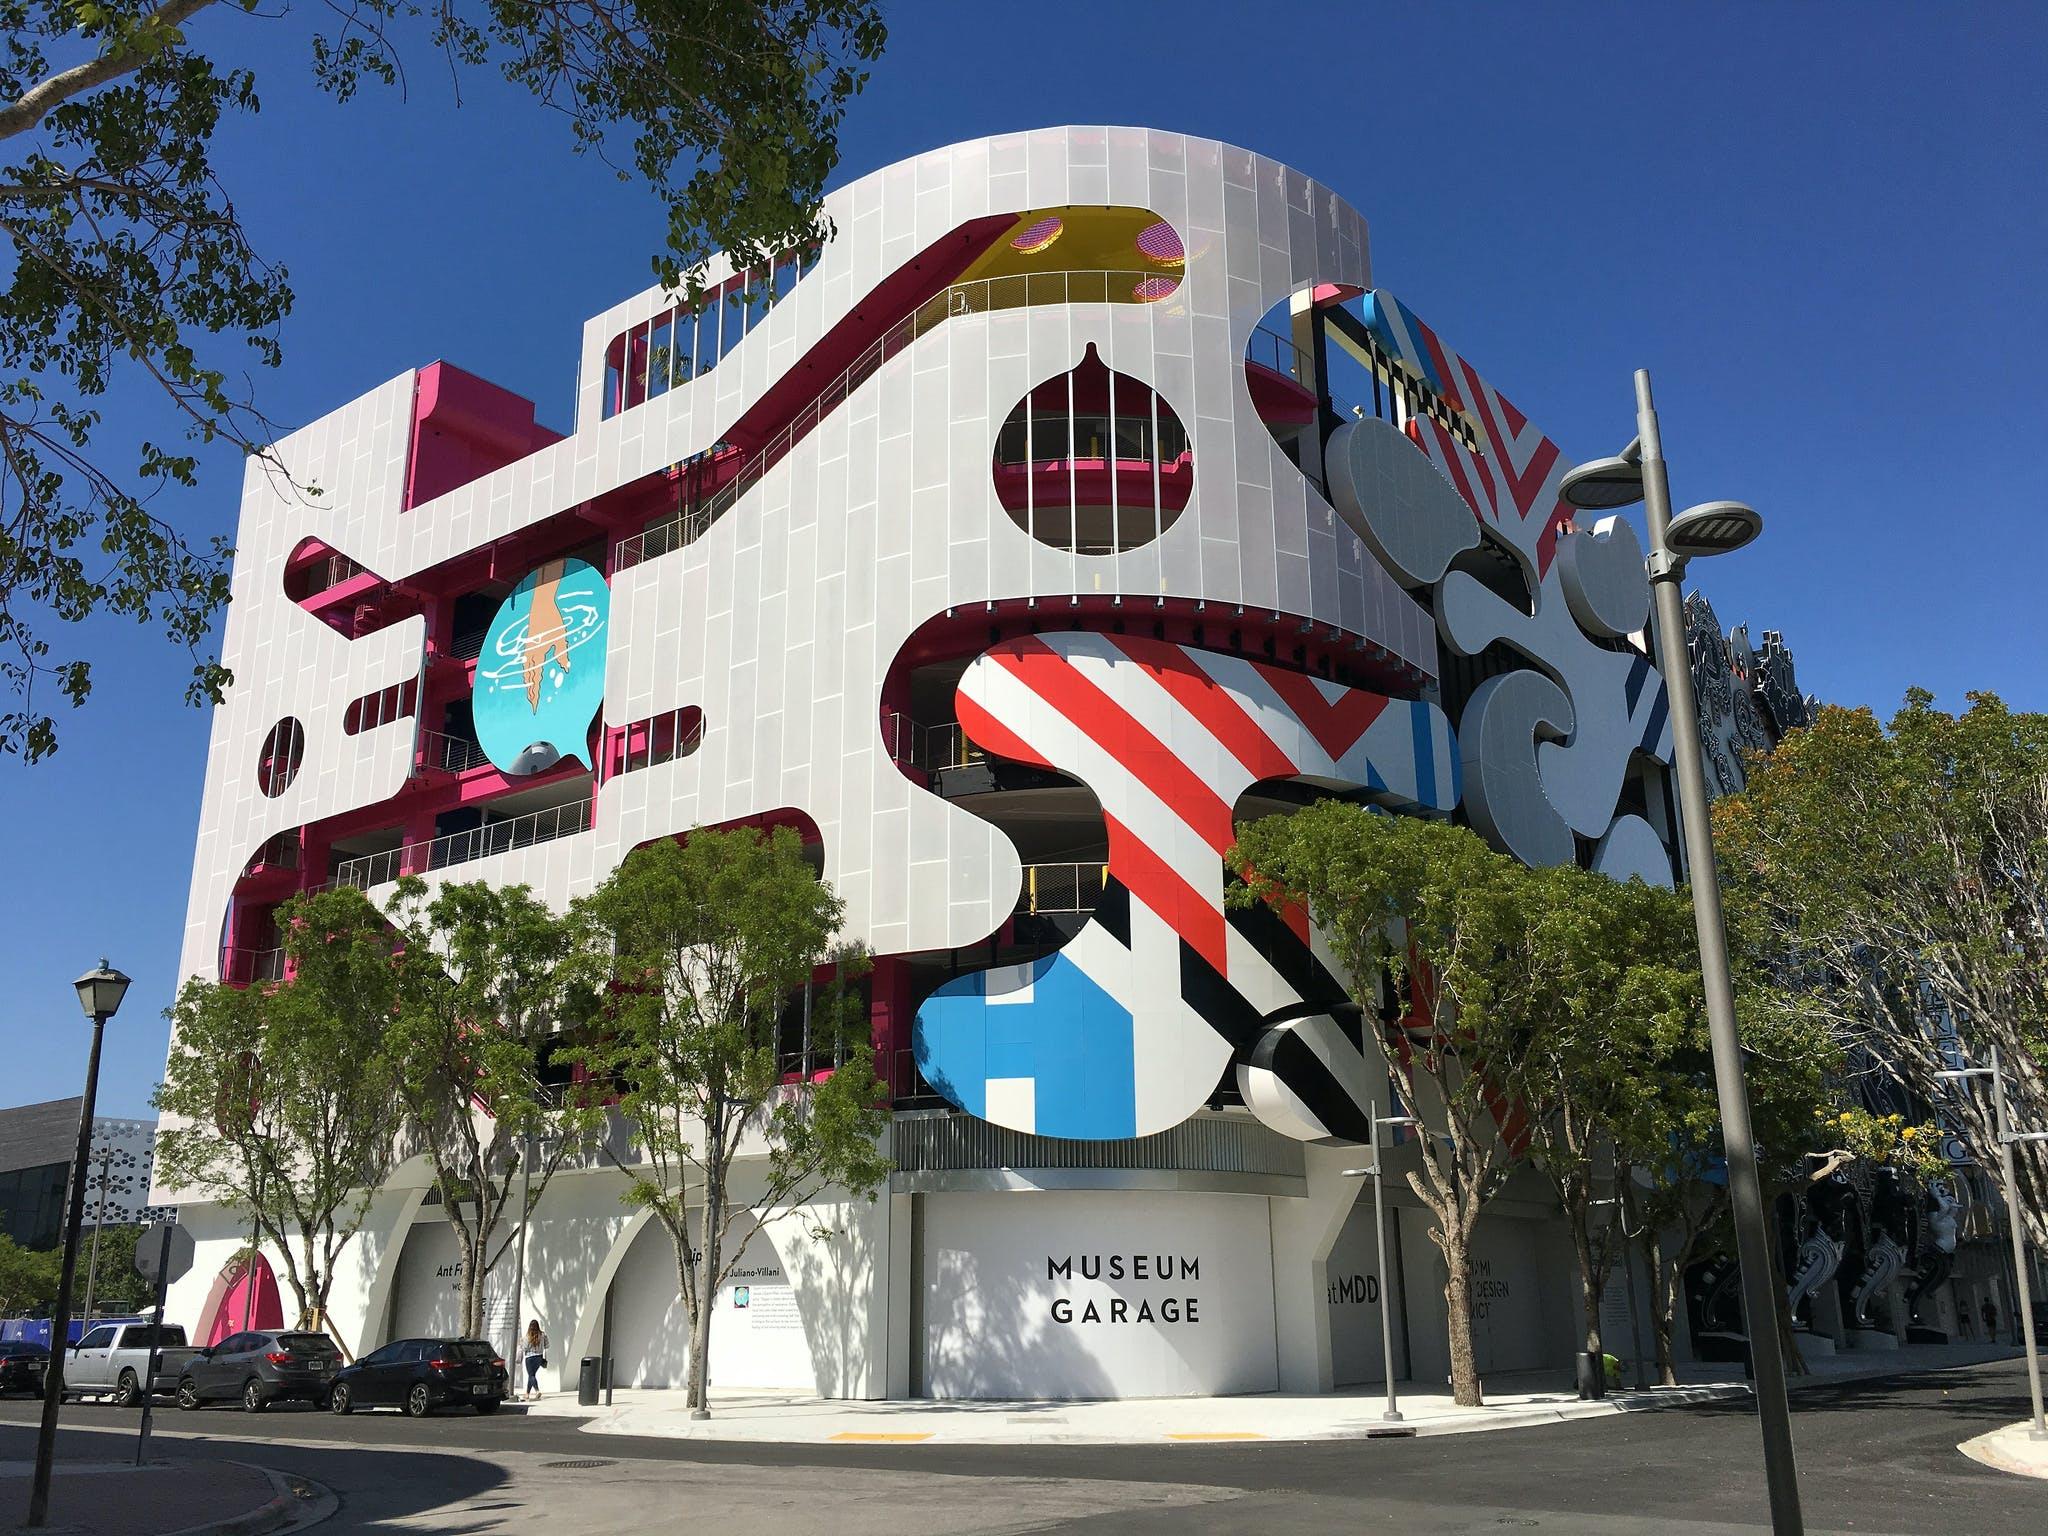 The Museum Garage in Miami's Design District. Photo: Phillip Pessar/Flickr